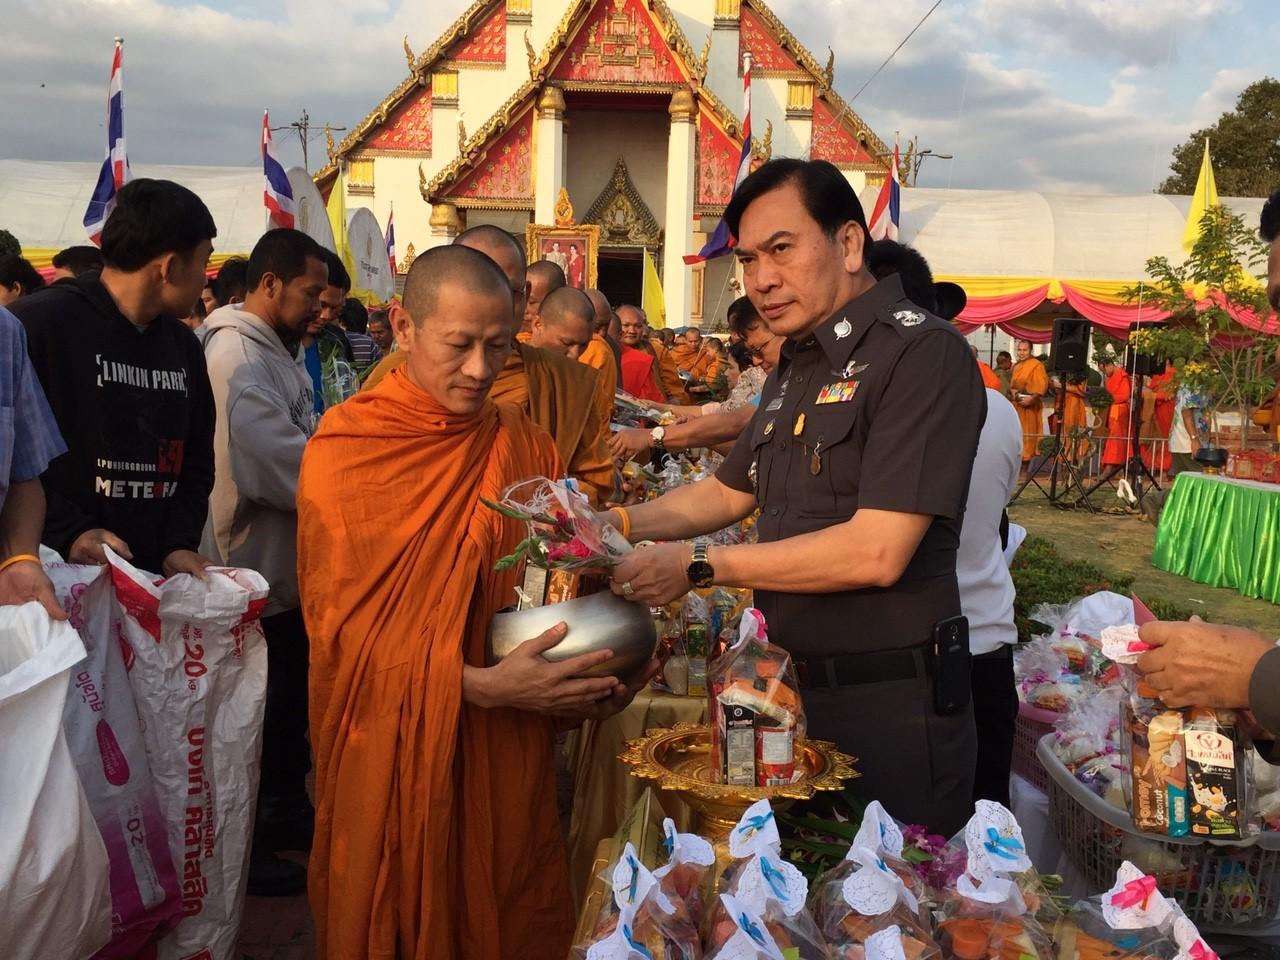 ทำบุญตักบาตรในพิธีเจริญพระพุทธมนต์ส่งท้ายปีเก่าต้อนรับปีใหม่ 2559